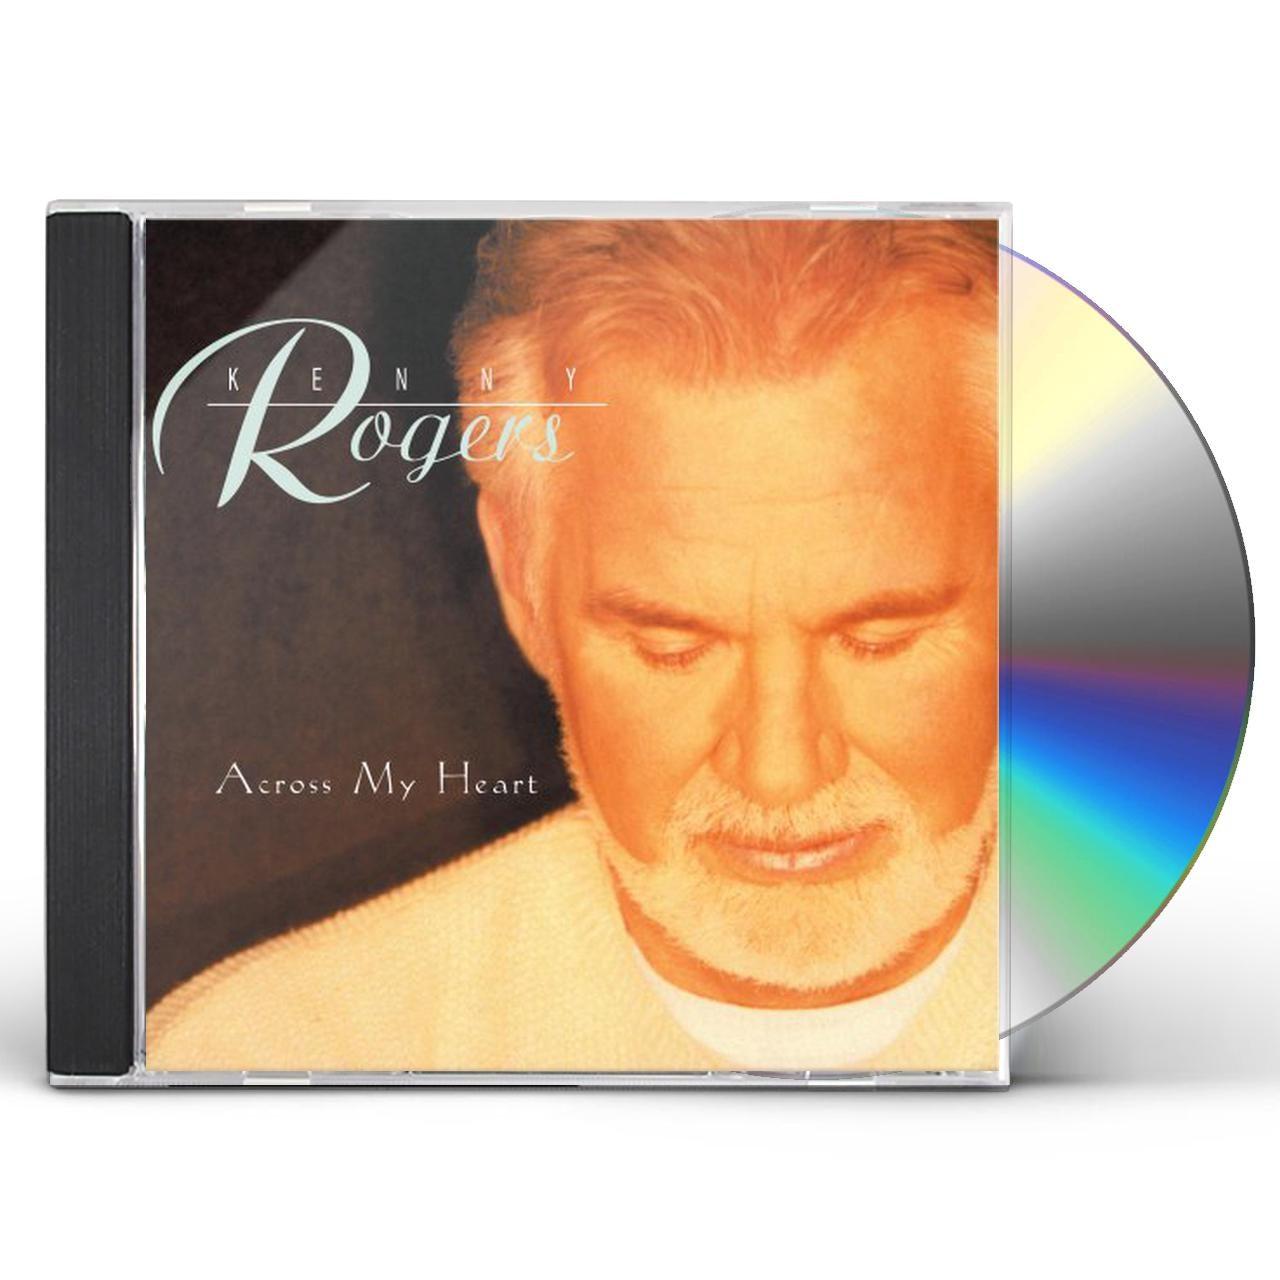 Kenny Rogers ACROSS MY HEART CD